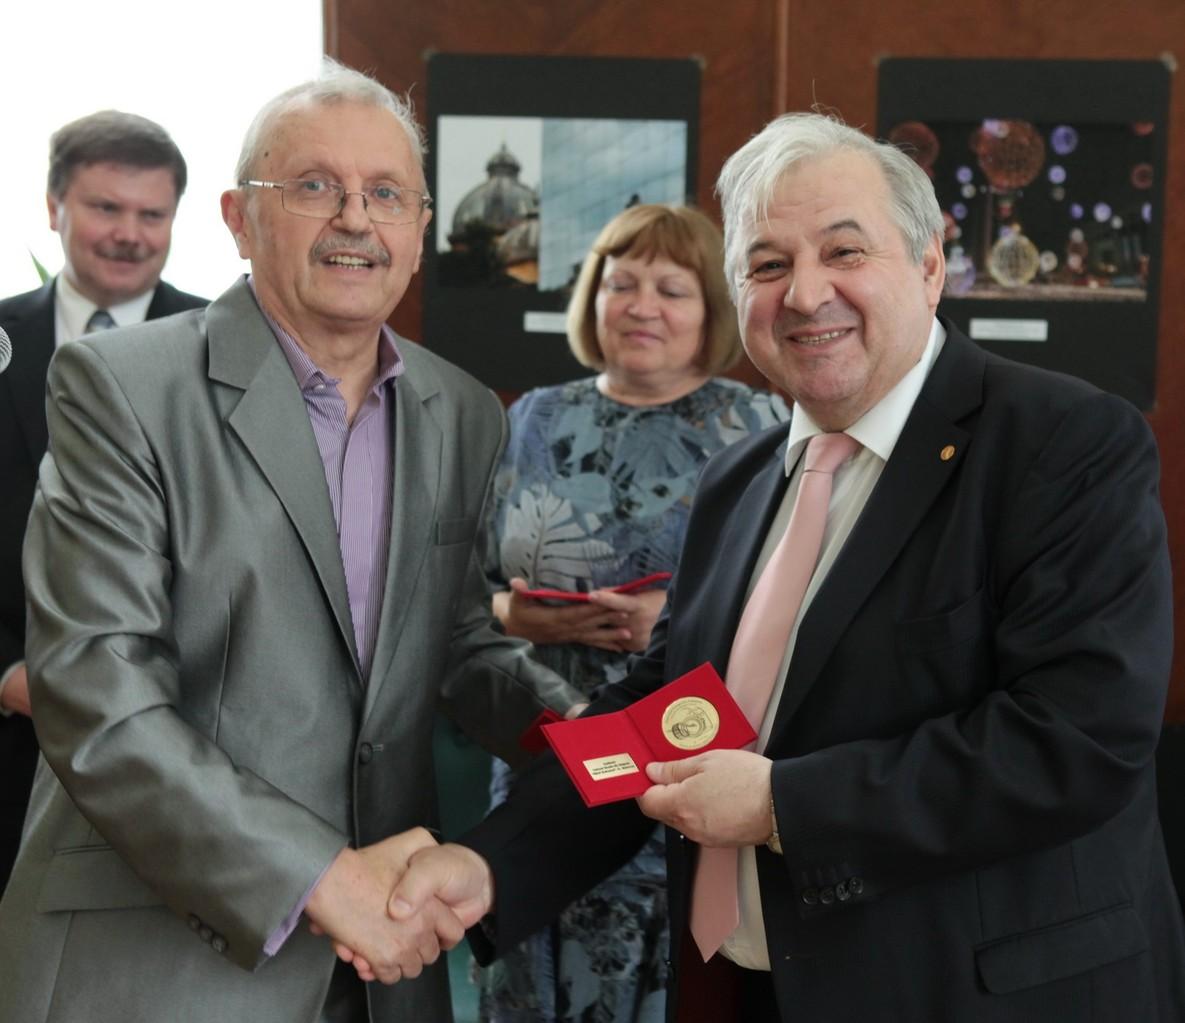 Dr. Valeriu Matei directorul  Institutului Cultural Român Mihai Eminescu din Chişinău, premiat în cadrul Festivalului Internaţional - 30 mai 2013